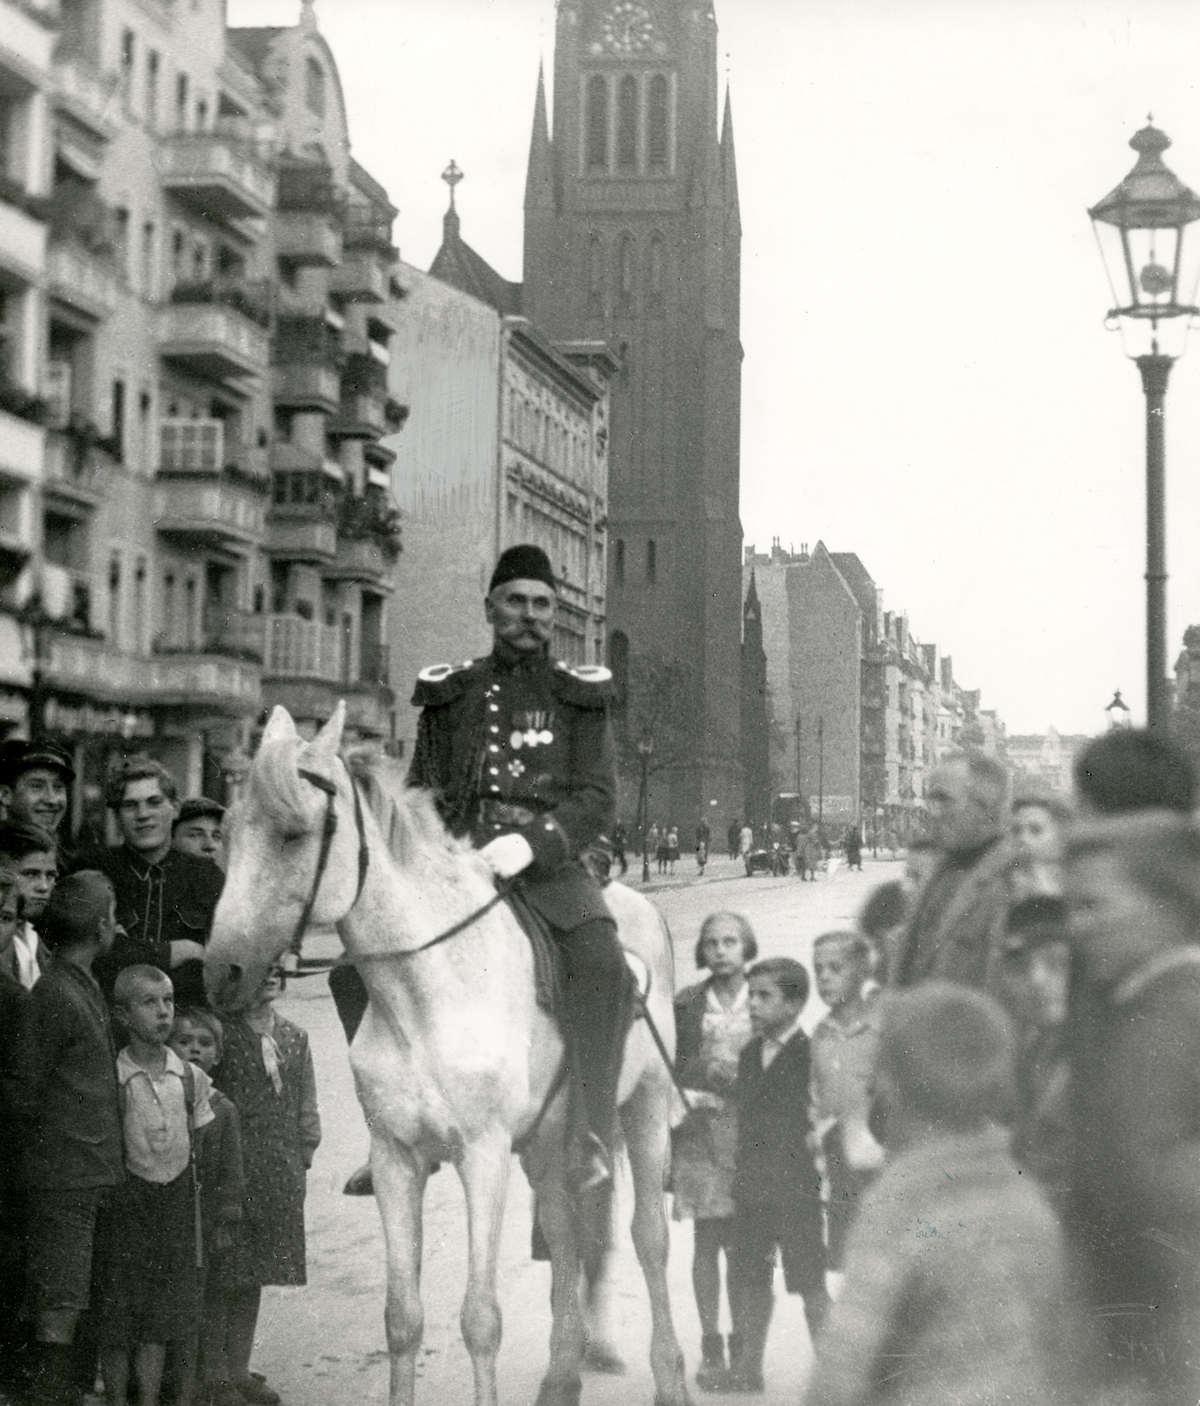 Zu Pferd in Berlin Pankow